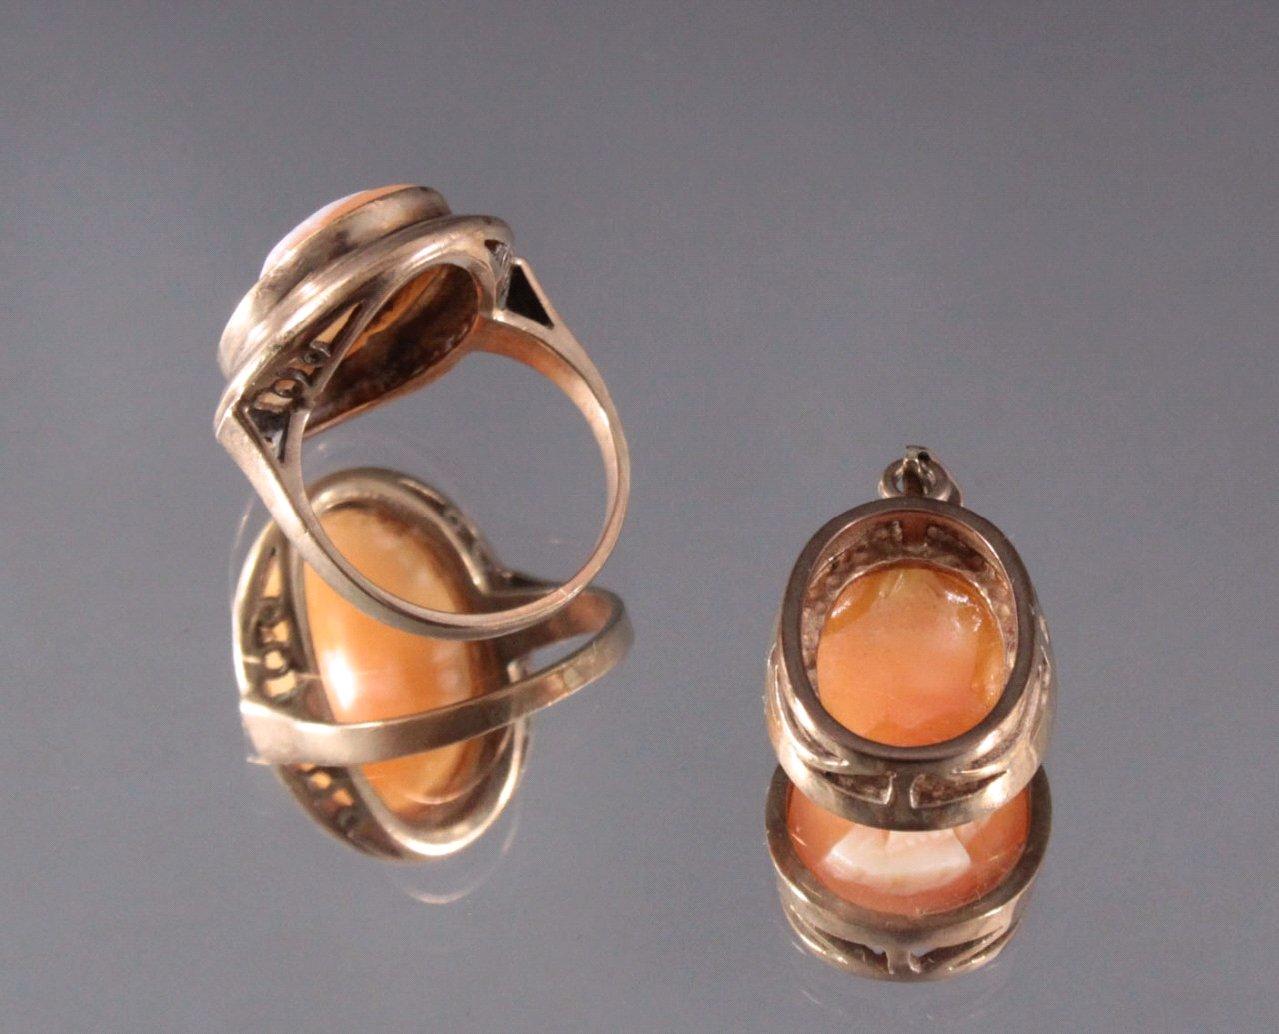 Antiker Ring und Anhänger mit Muschelkamme 8 Karat Gelbgold-1